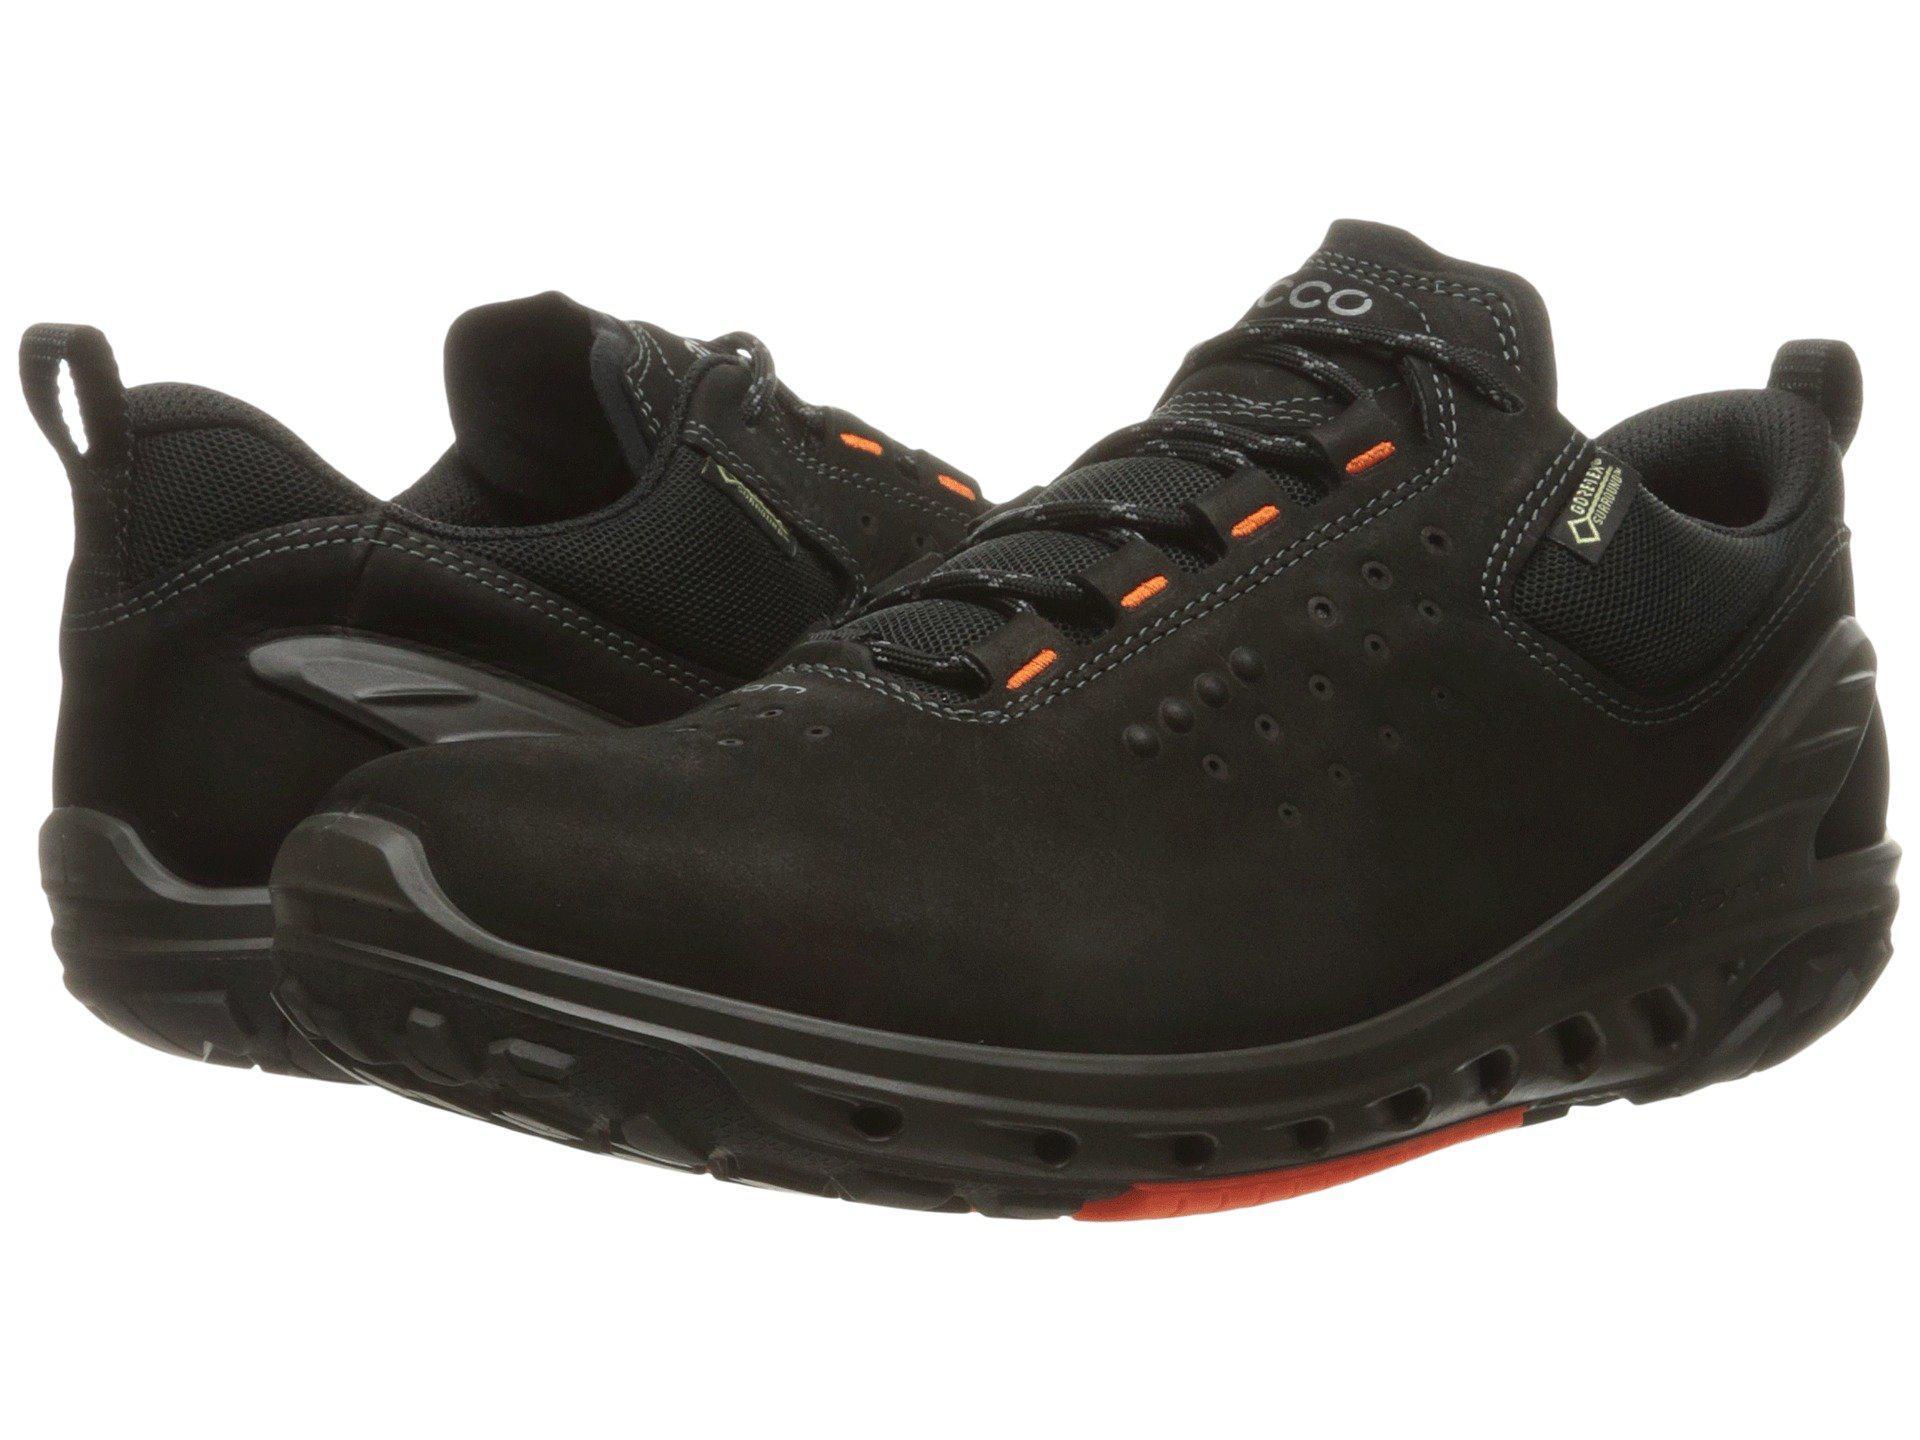 3bdc9987588a79 Lyst - Ecco Biom Venture Gtx Tie (black black) Men s Tennis Shoes in ...